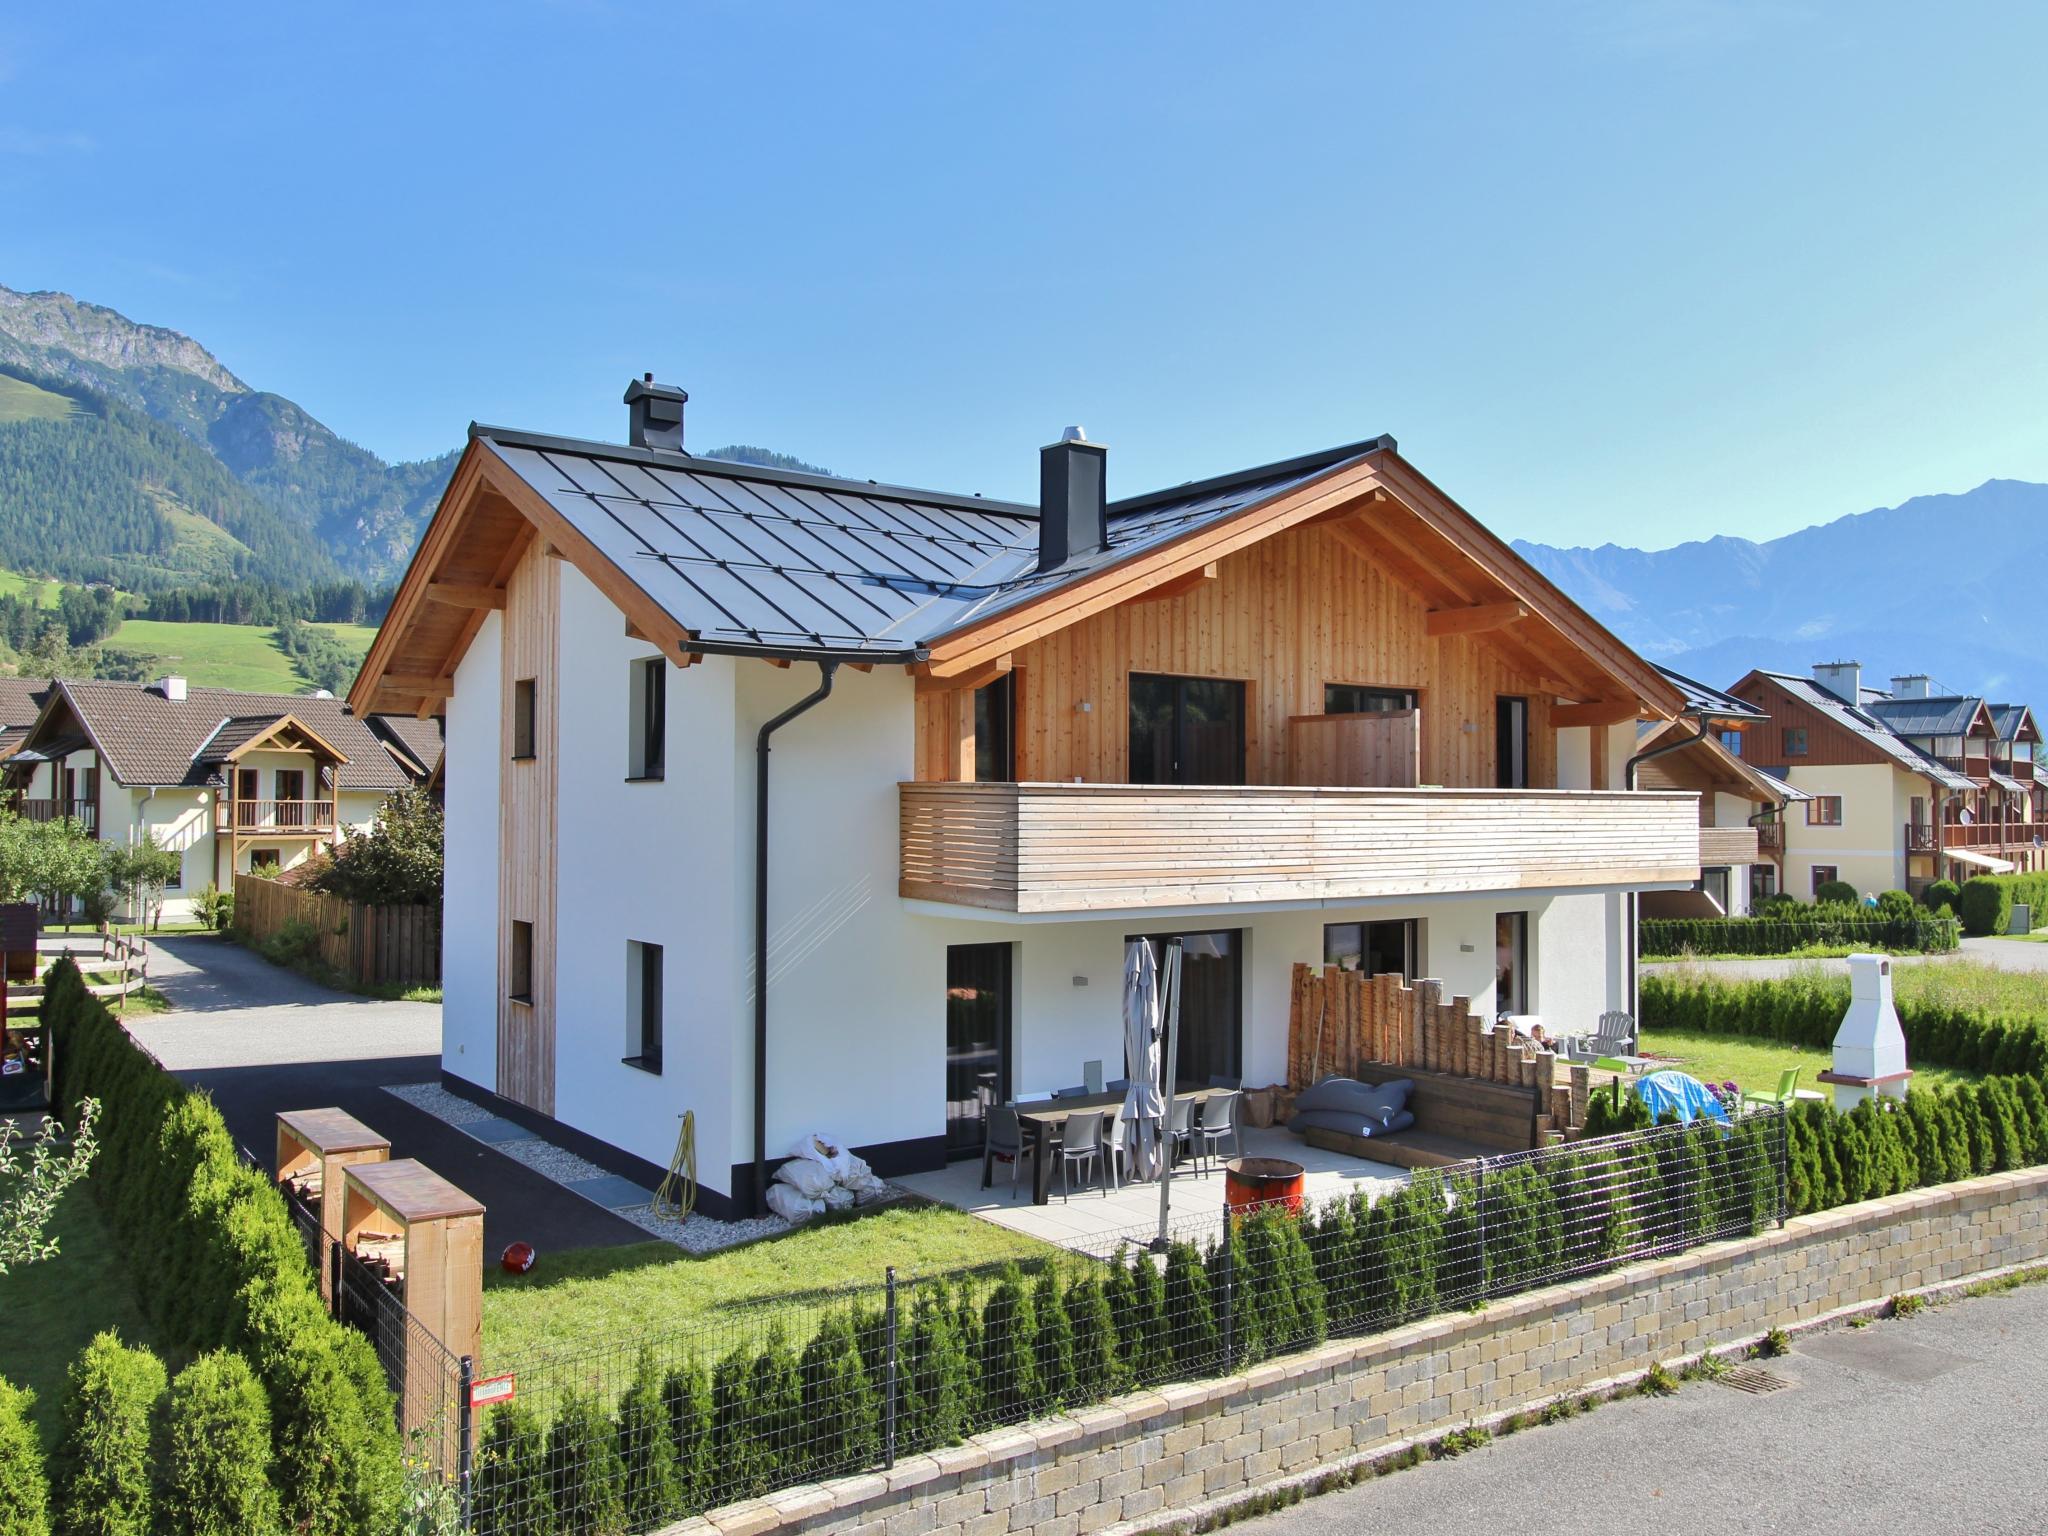 Hirnreit Salzburgerland